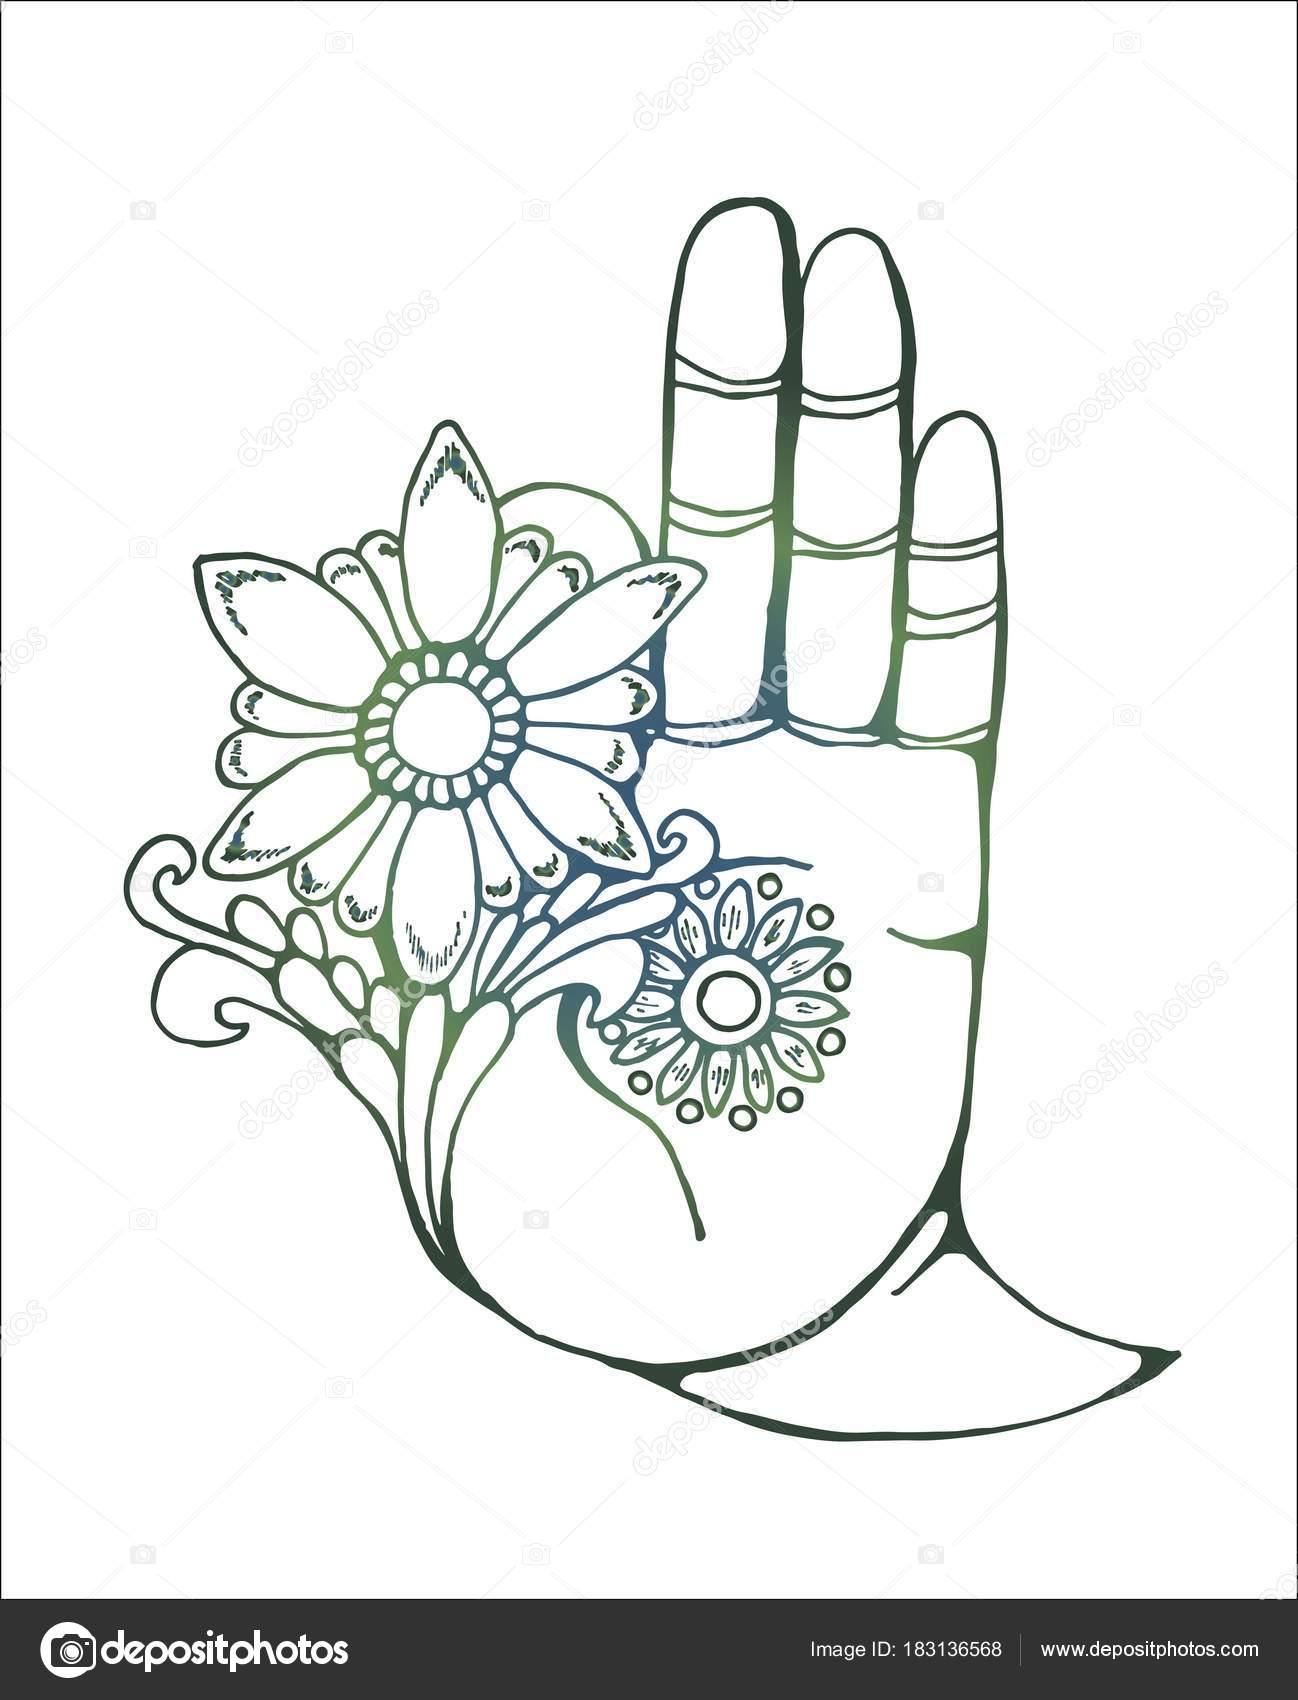 illustration d une main de bouddha tenant une fleur colorfull dessin image vectorielle. Black Bedroom Furniture Sets. Home Design Ideas